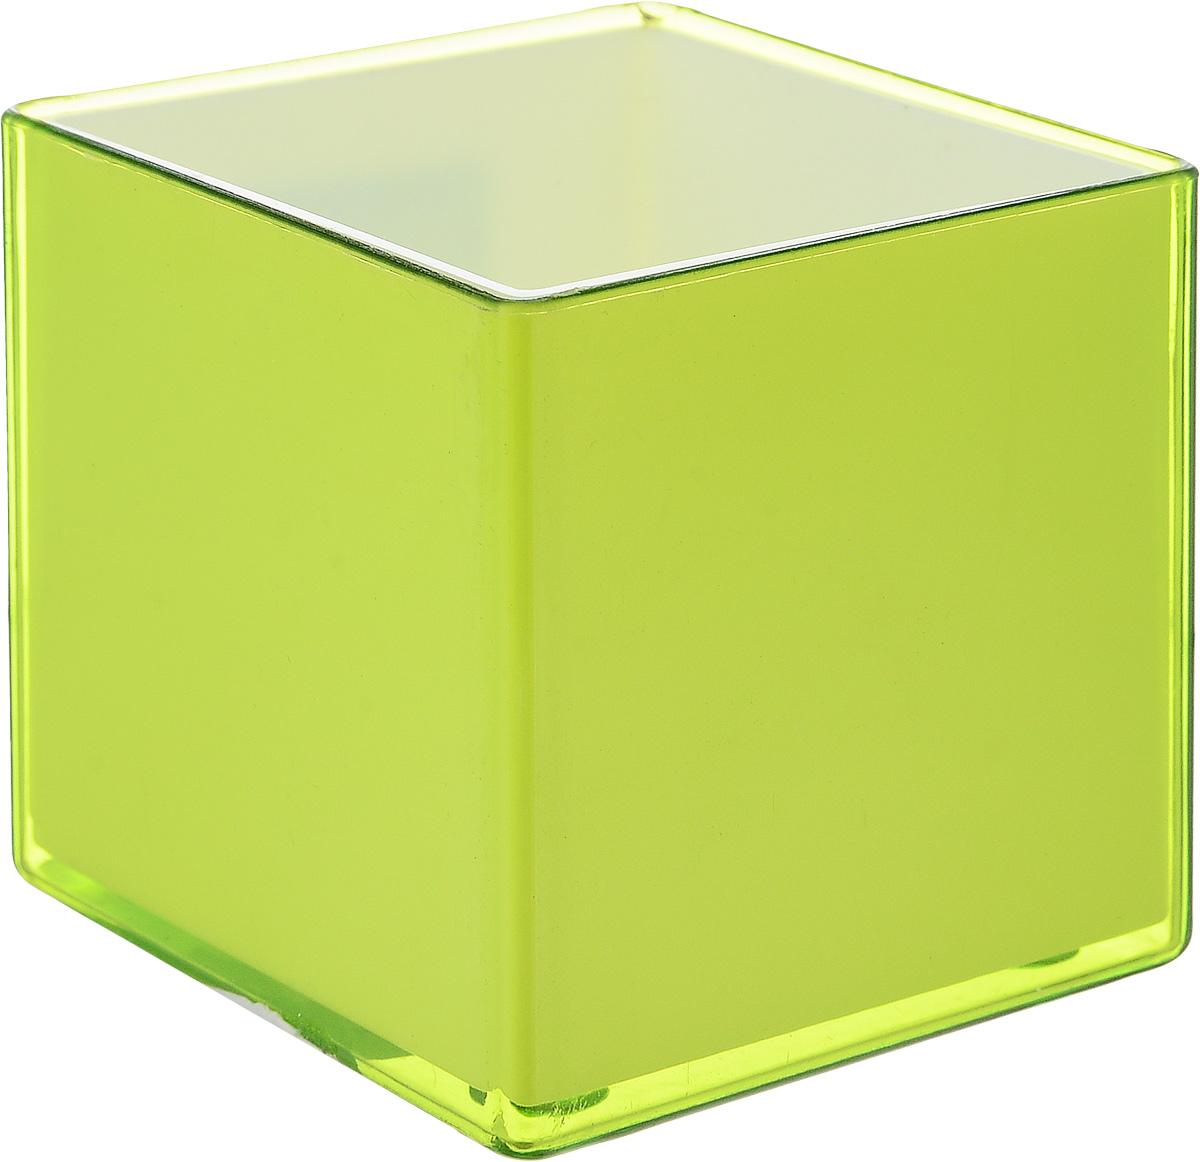 Кашпо JetPlast Мини куб, на магните, цвет: зеленый, 6 x 6 x 6 см4612754050482Традиционно горшки для цветов имели круглую форму, но сейчас набирают популярность квадратные и прямоугольные кашпо. Стильные и современные, они отлично впишутся в любой интерьер. Особенно эффектно такие изделия будут смотреться там, где преобладают чёткие линии и простые формы. Кашпо «Мини-куб» — это миниатюрные горшки, которые дополнят интерьер и внесут в него изюминку. Объём в 160 мл рассчитан под рассаду карликовых растений. Вы сможете поставить вазу на рабочий стол, полку или же подоконник. Модель «Мини-куб» имеет ряд особенностей:две магнитных ленты, с помощью которых можно поместить изделие на металлической поверхностивставка, которая позволяет ухаживать за горшком без повреждения покрытиямалый вес и компактностьпри производстве используется только безопасный пластик.